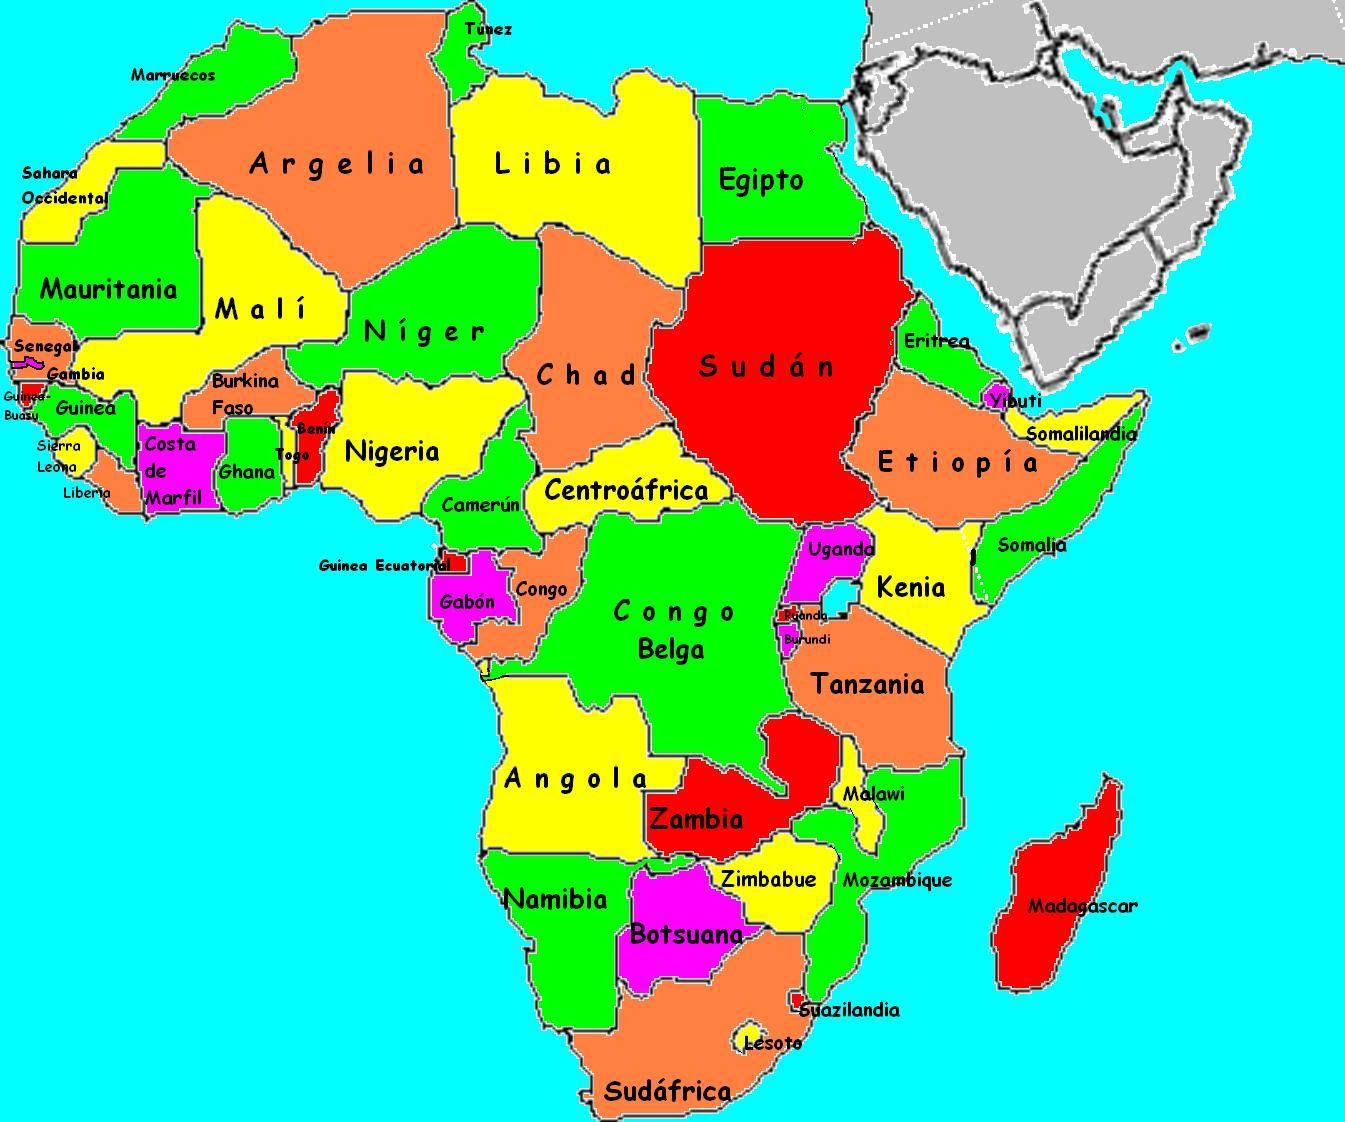 mapa áfrica países mapa africa paises   Buscar con Google | Navidad  mapa áfrica países